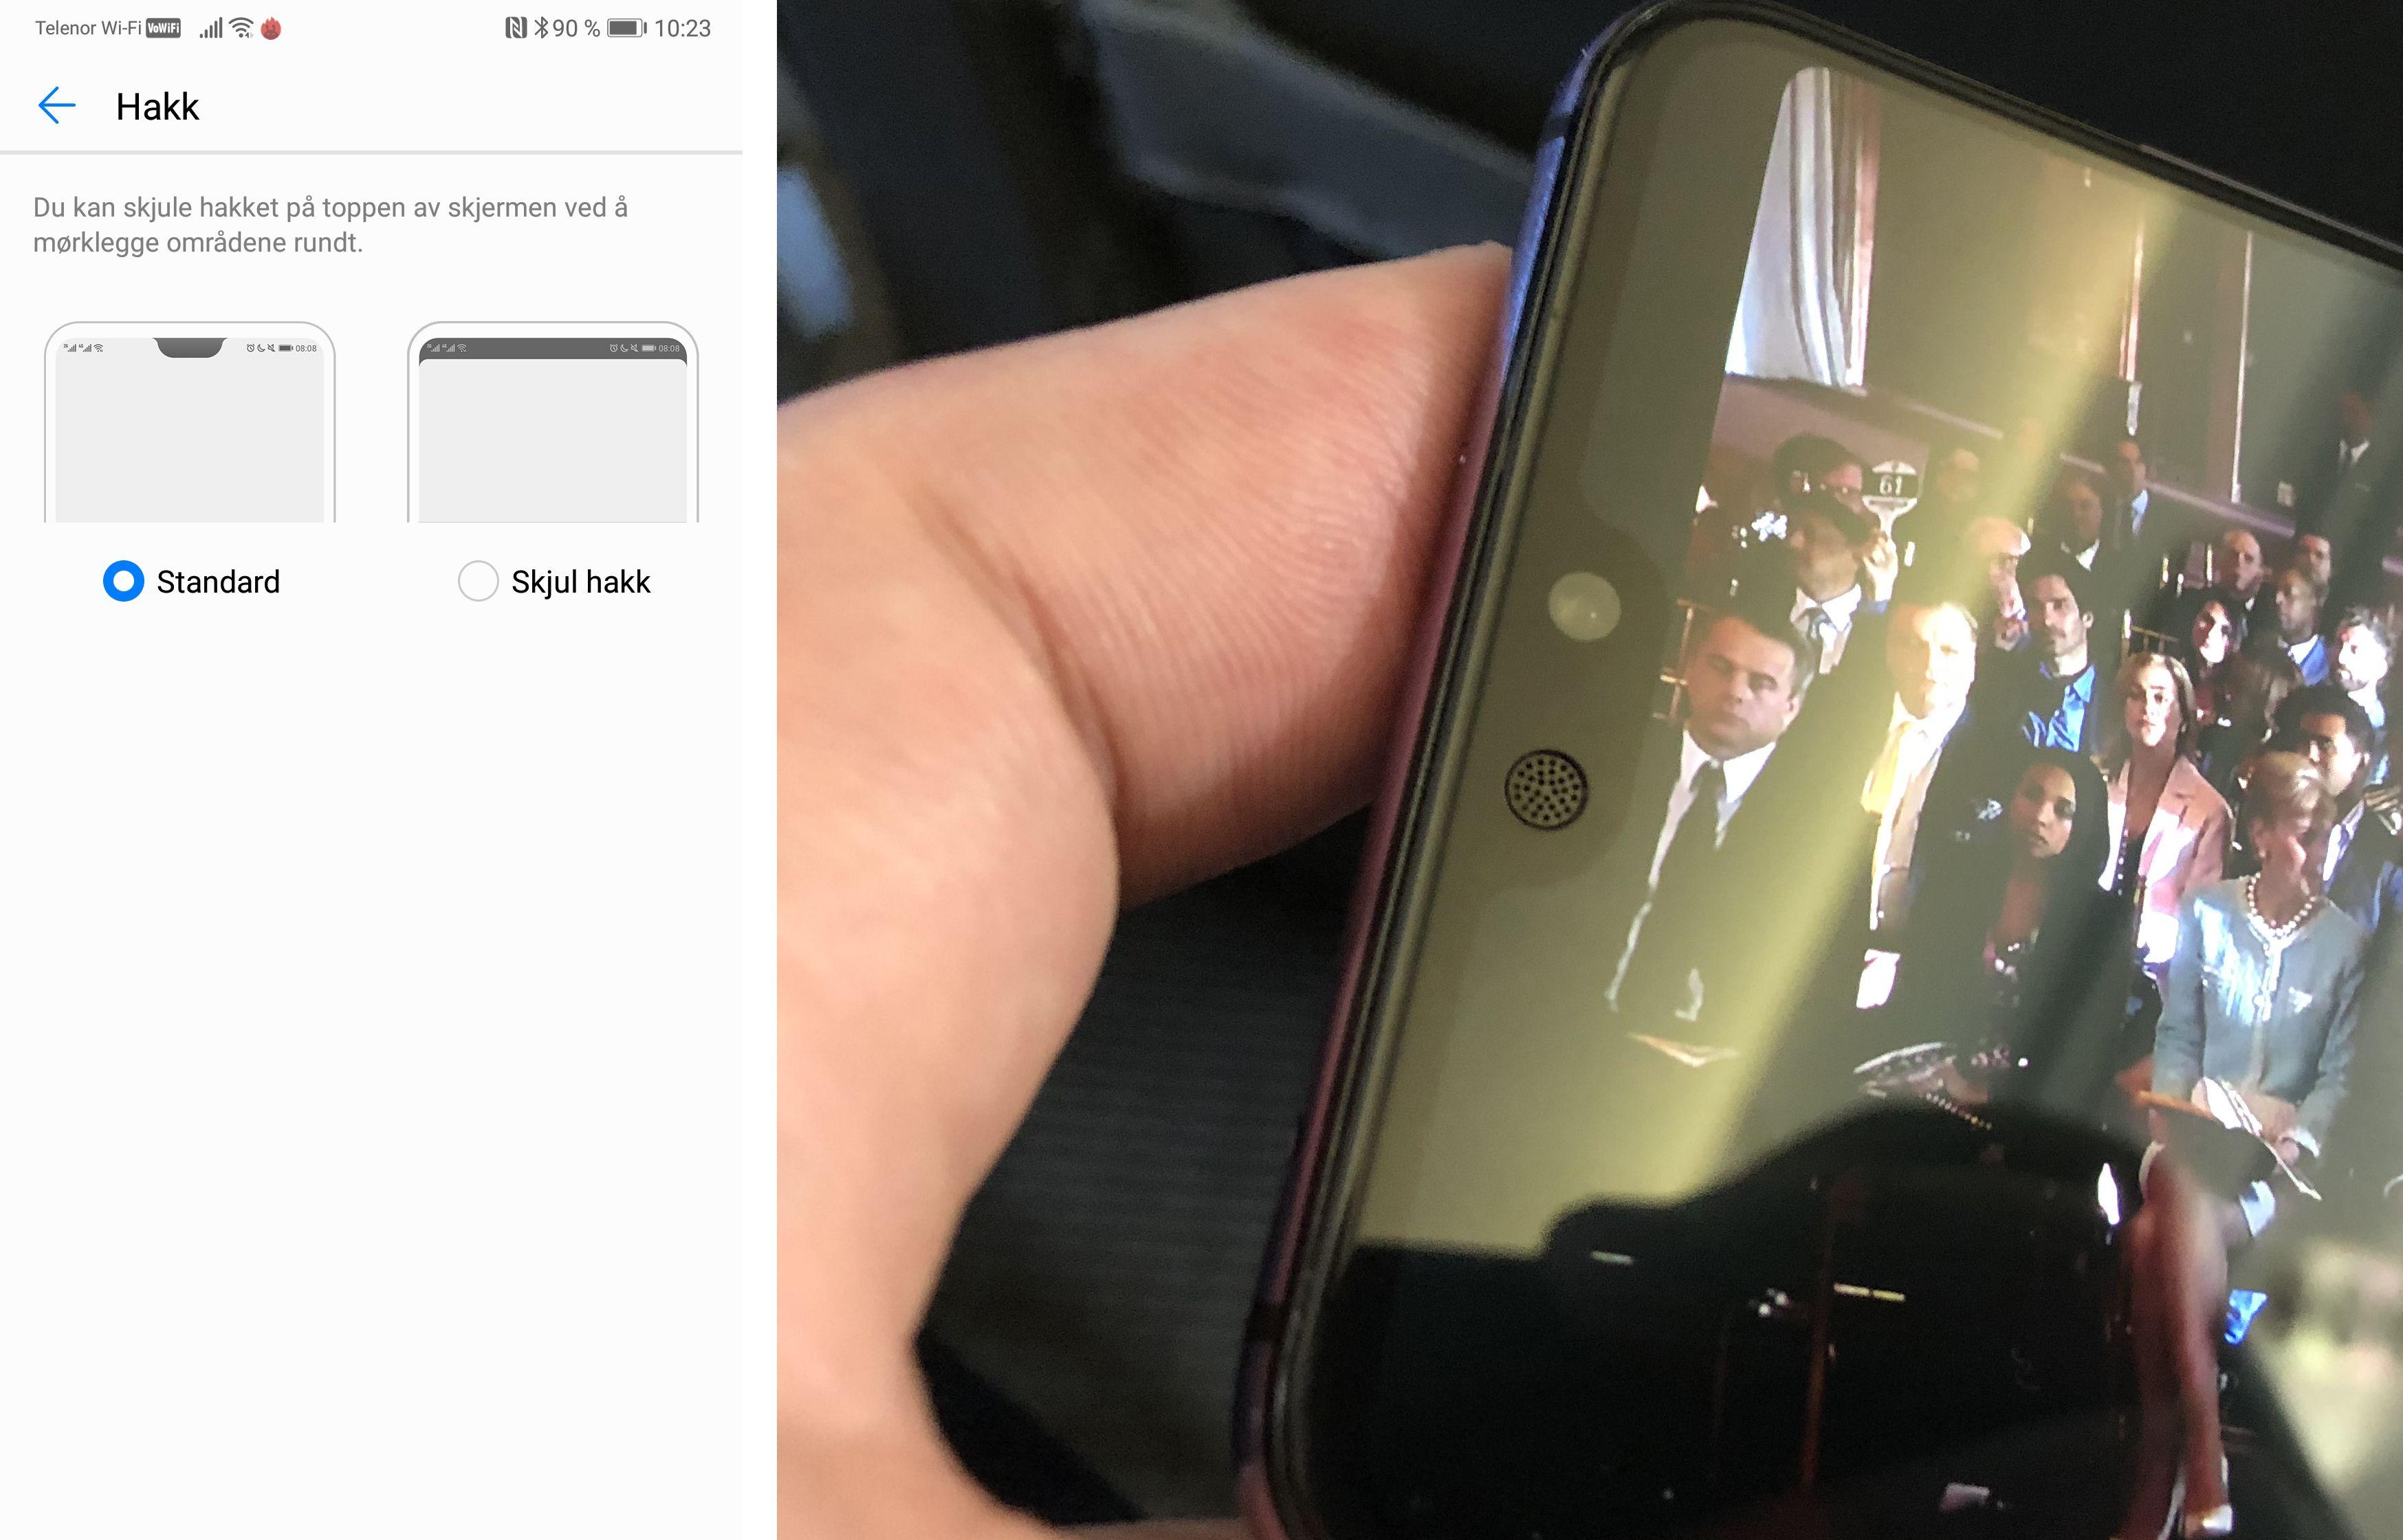 Du kan velge å skjule busslommen i toppen av skjermen. Da avrundes hjørnene og den lille sensorleppen blir nesten usynlig.